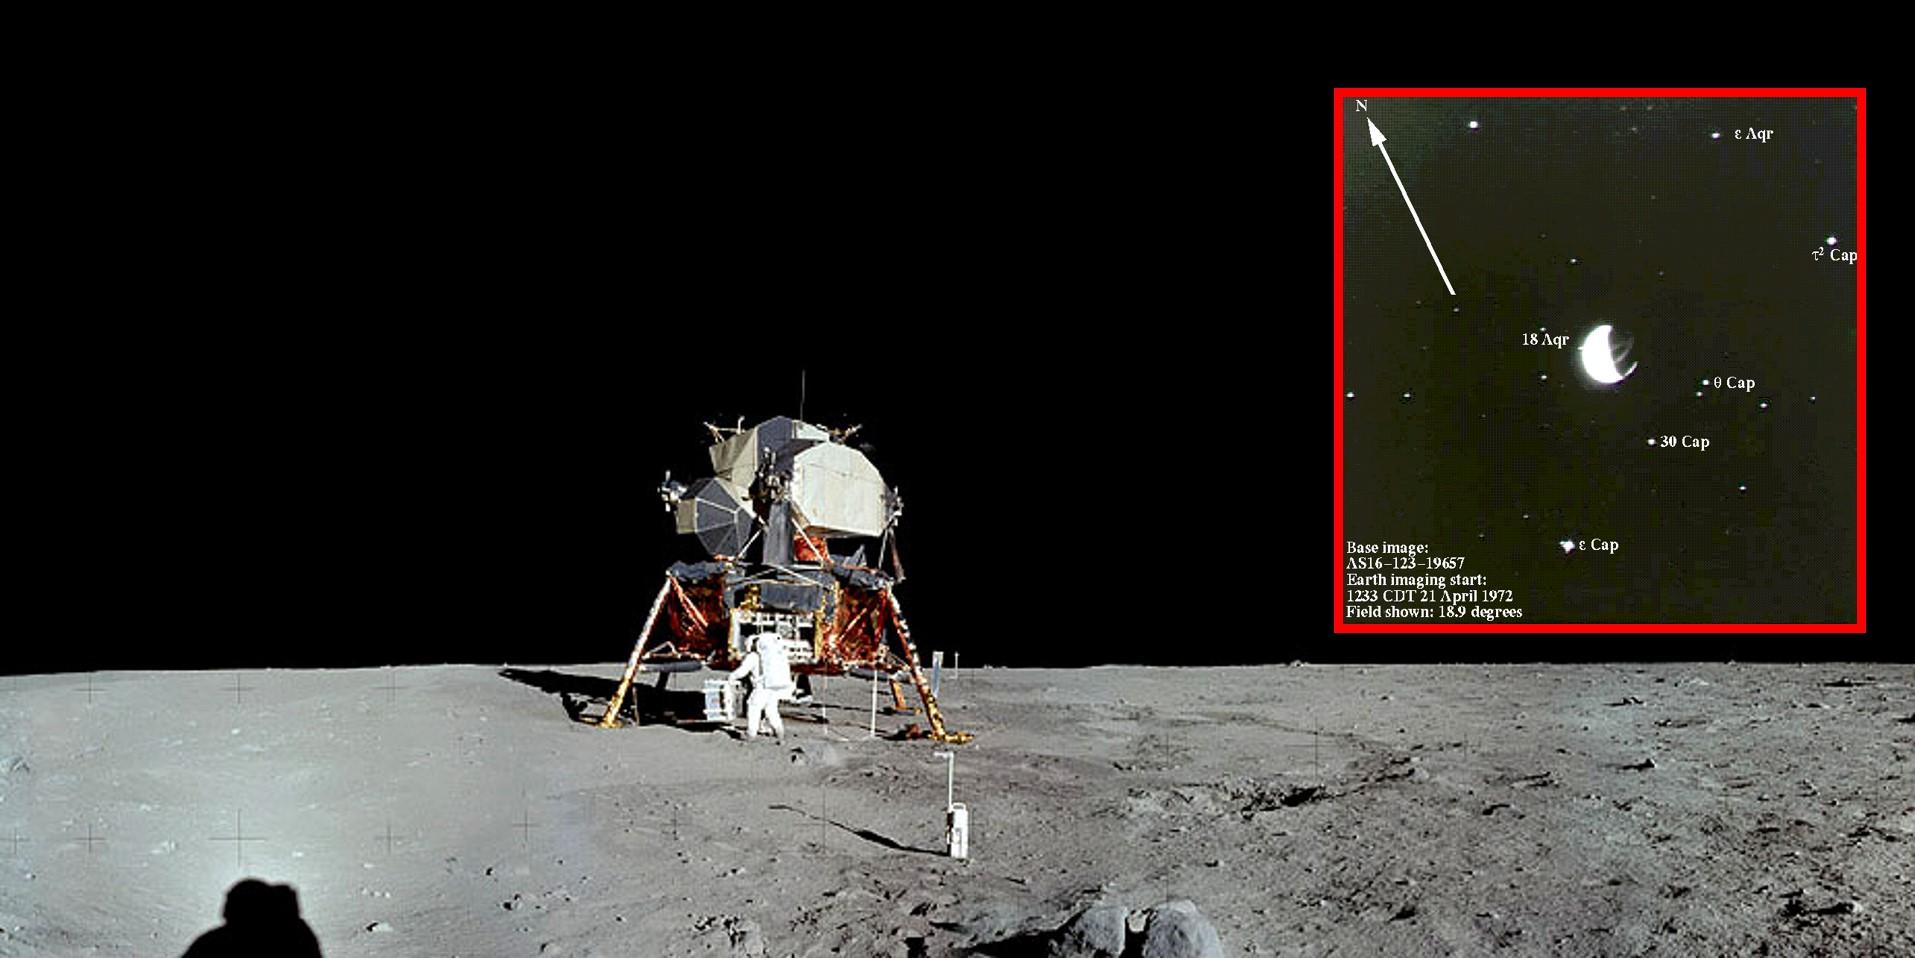 שמיים שחורים בצילום של אפולו 11, אך כוכבים נראים היטב בצילום על-סגול בחשיפה ארוכה (במסגרת) | מקור: NASA